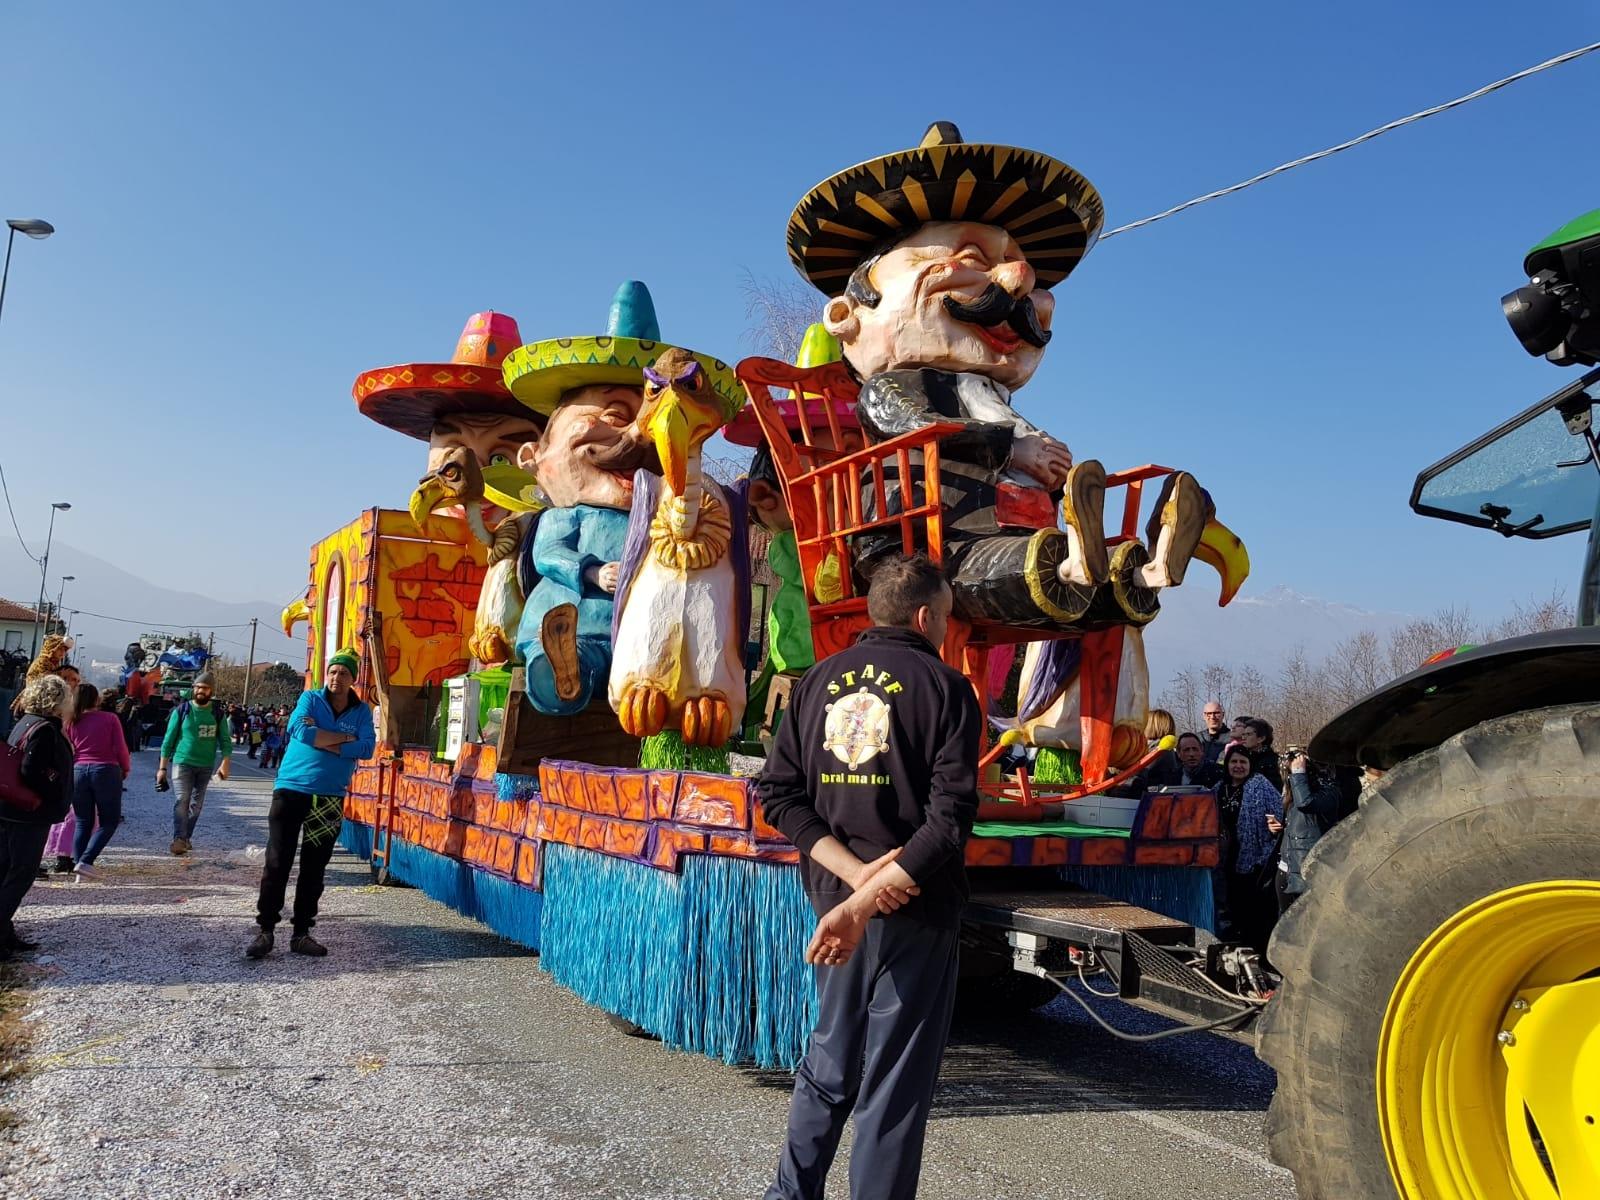 CANAVESE - Tutte le feste di Carnevale minuto per minuto - I PROGRAMMI